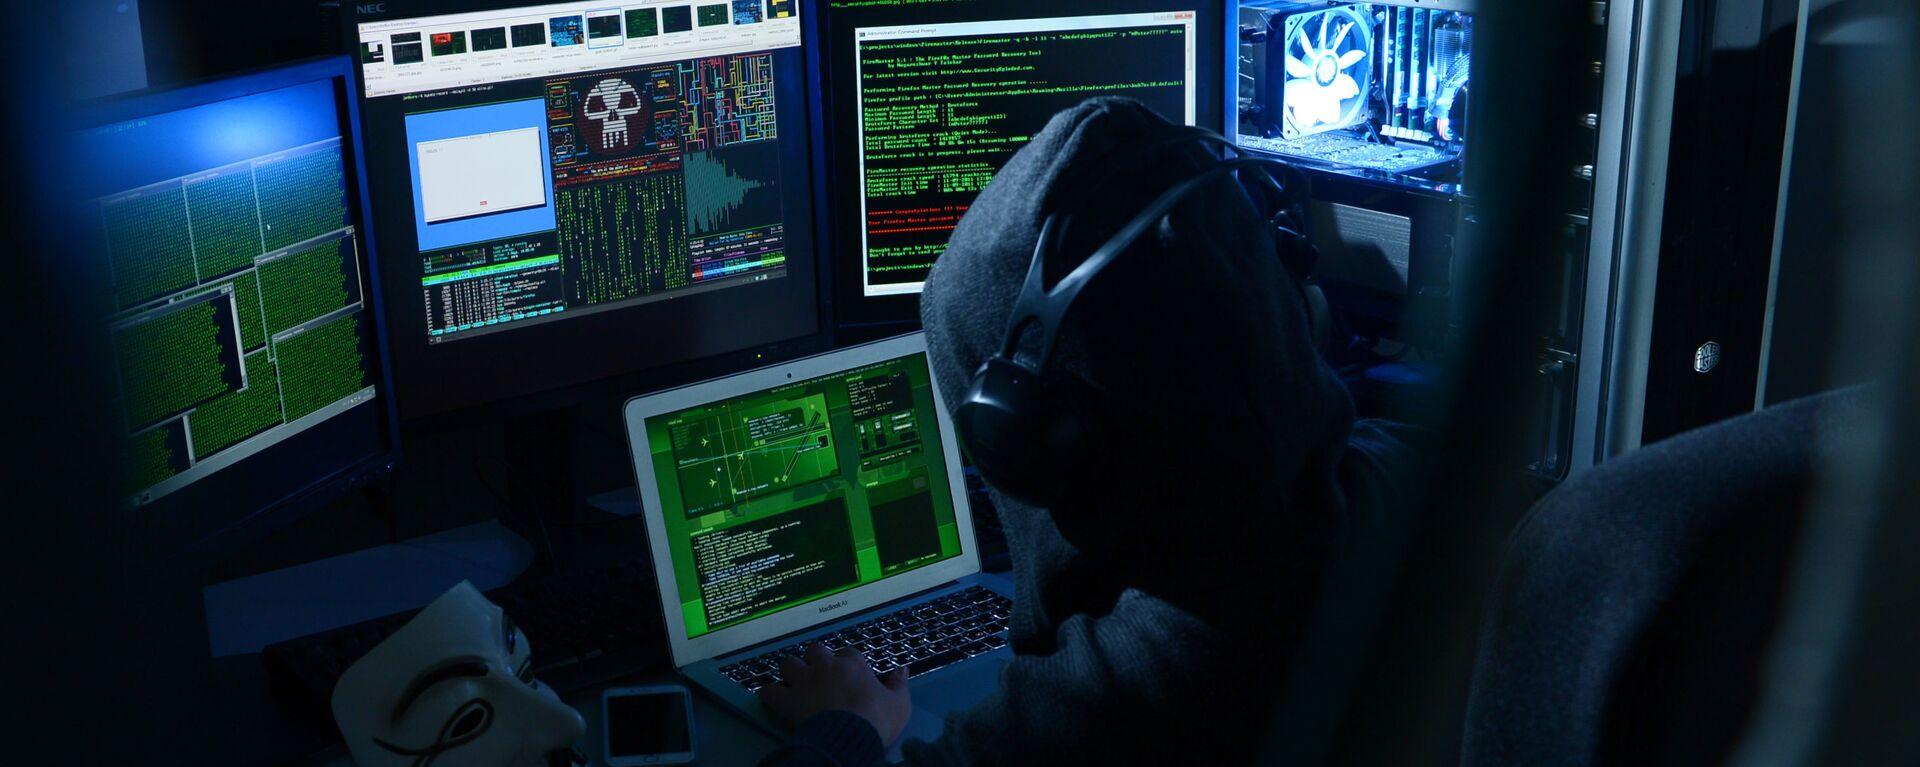 Un hacker ruso (imagen referencial) - Sputnik Mundo, 1920, 24.02.2021